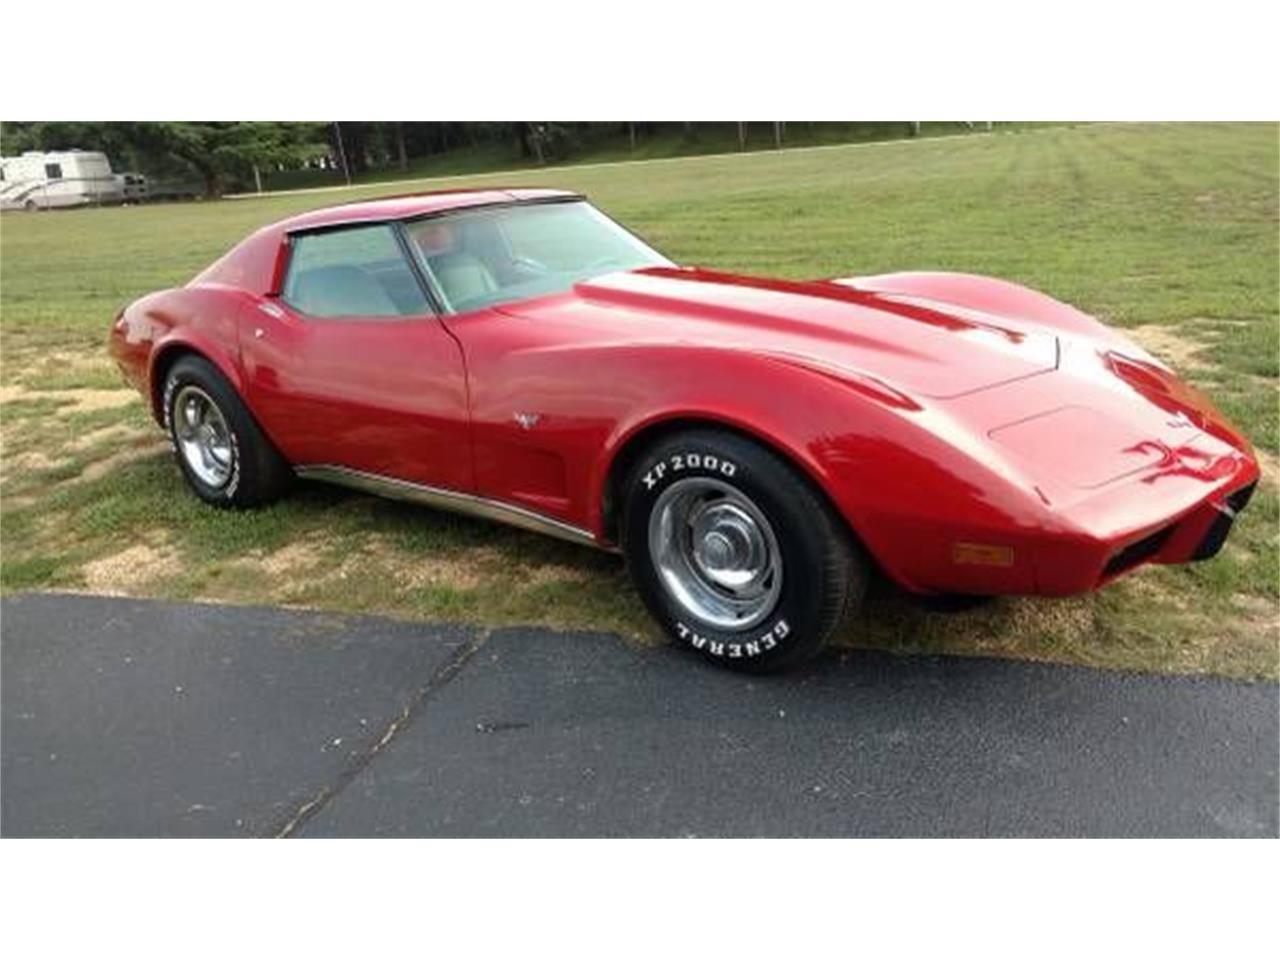 Kelebihan Corvette 1977 Tangguh